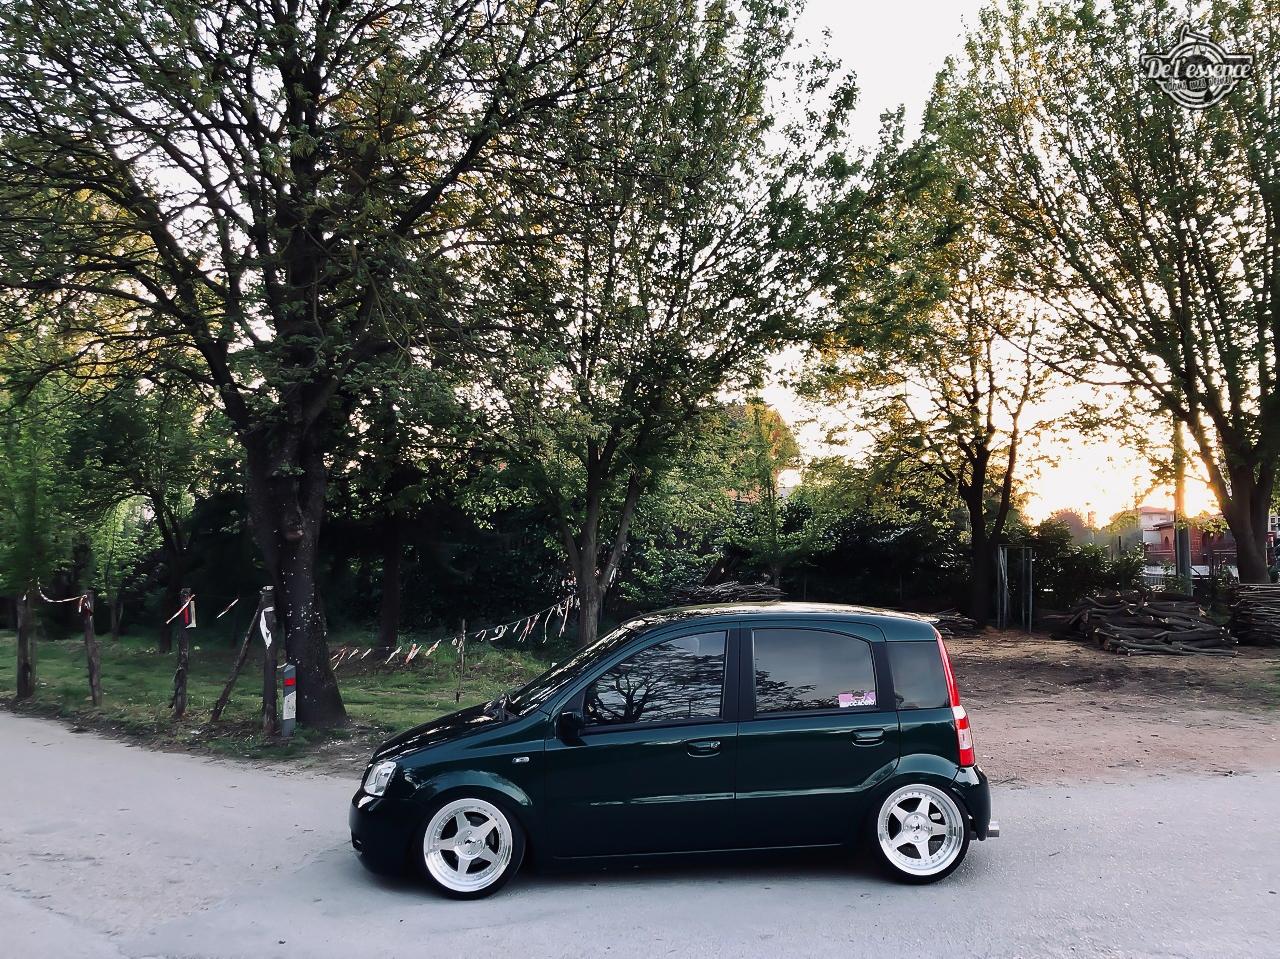 #Stance Discount - Buccaccio Gang #1 - Fiat Panda 6